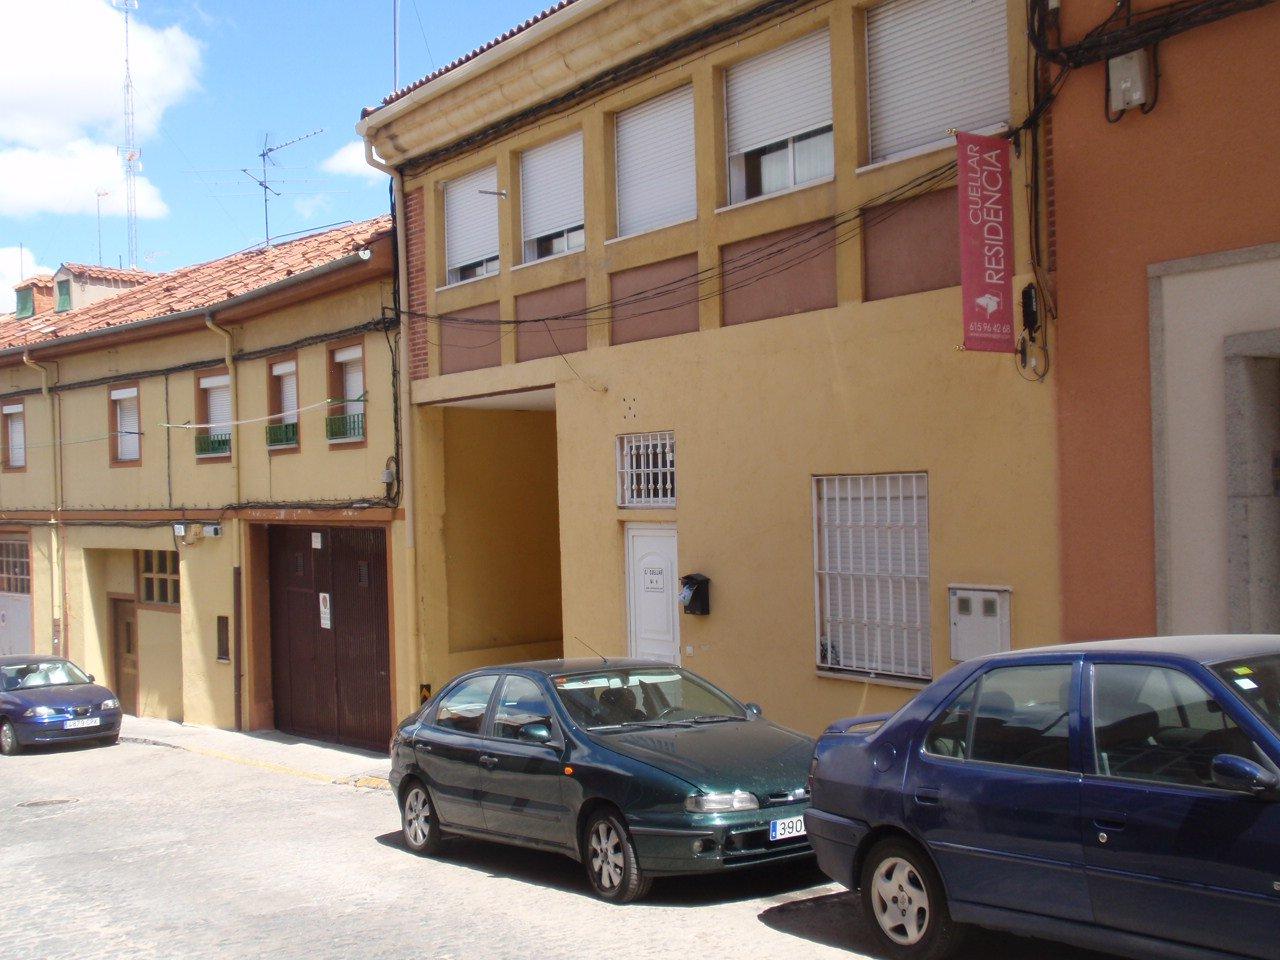 Local en venta en Zamarramala, Segovia, Segovia, Calle Coca, 105.000 €, 224 m2